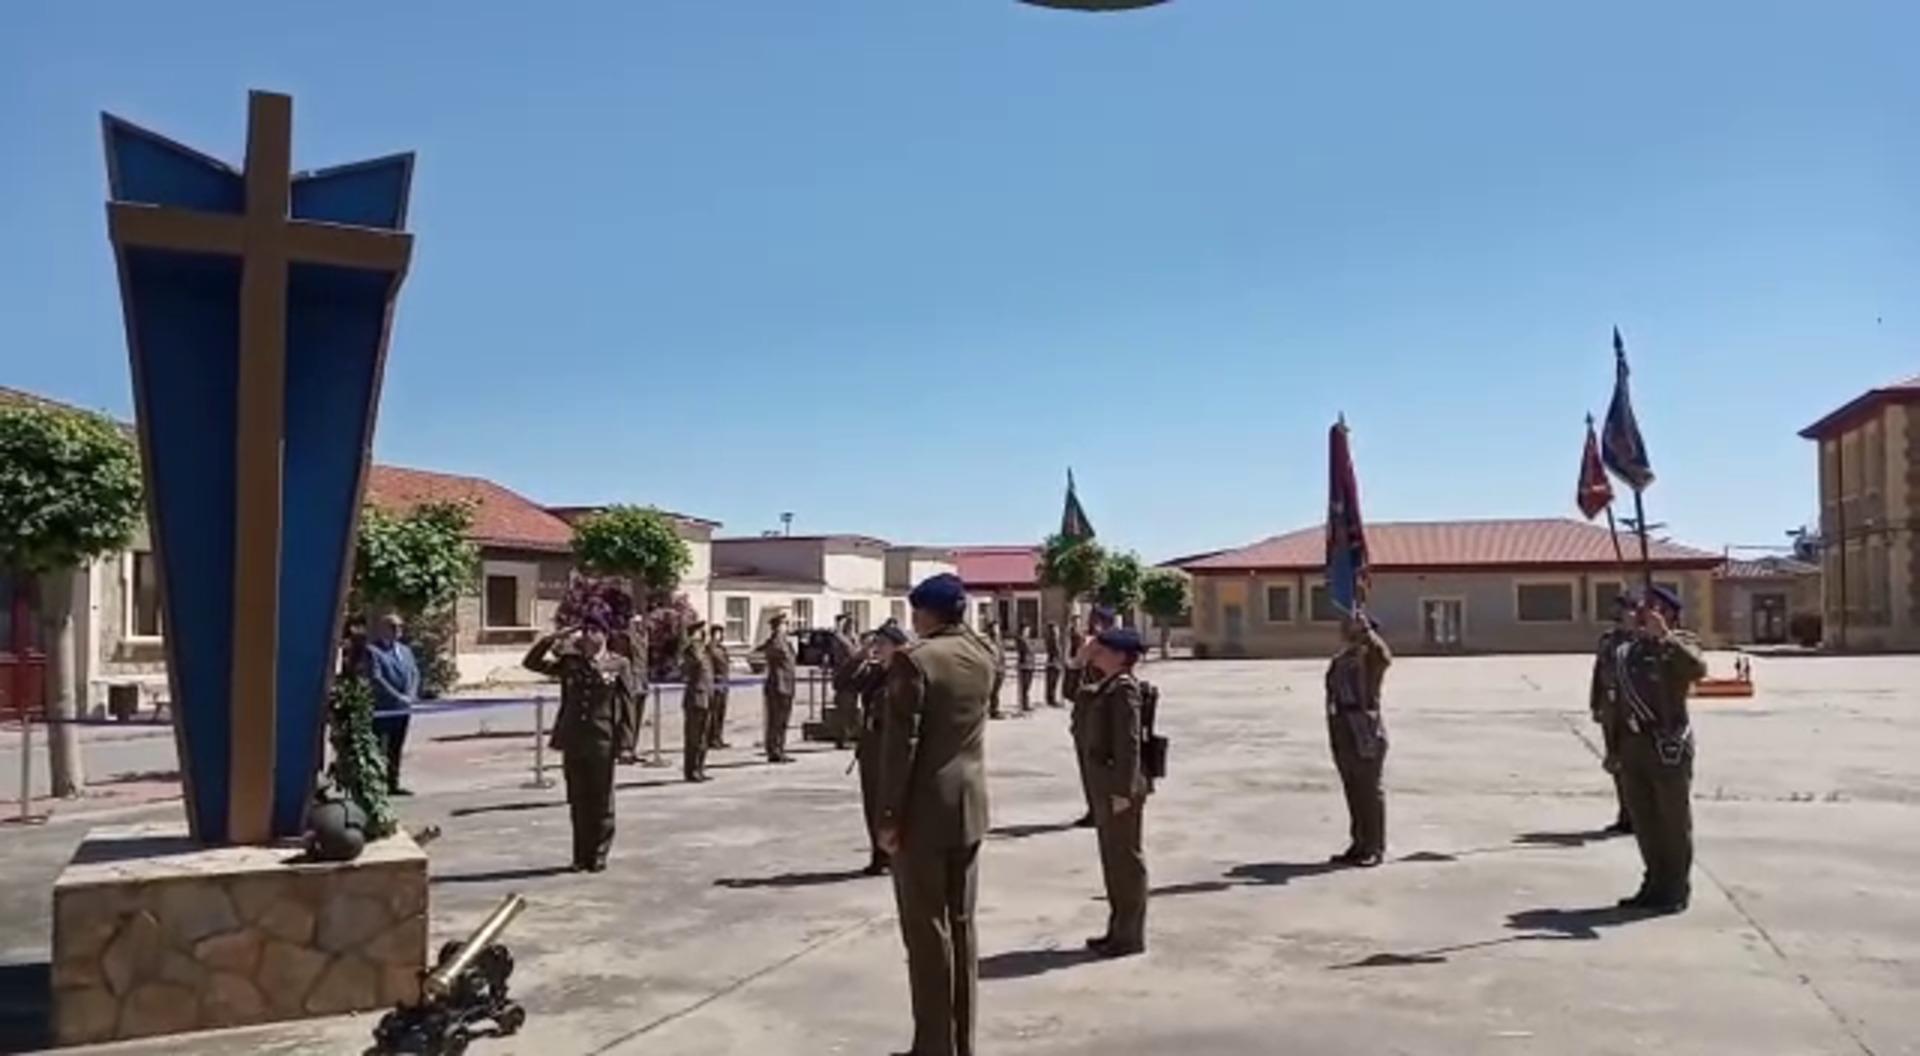 Homenaje militar a los caídos y las víctimas del COVID-19